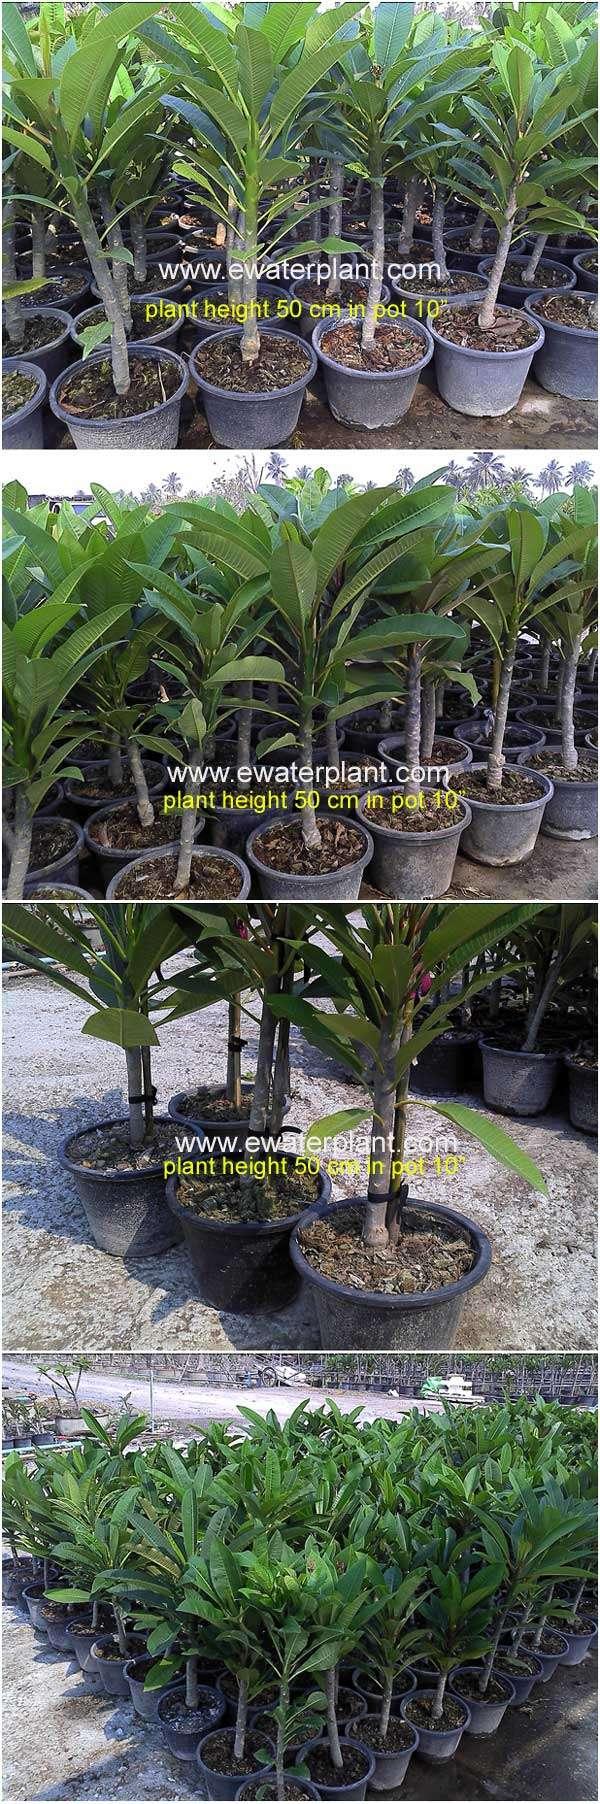 Plumeria-plant-Thailand-50c